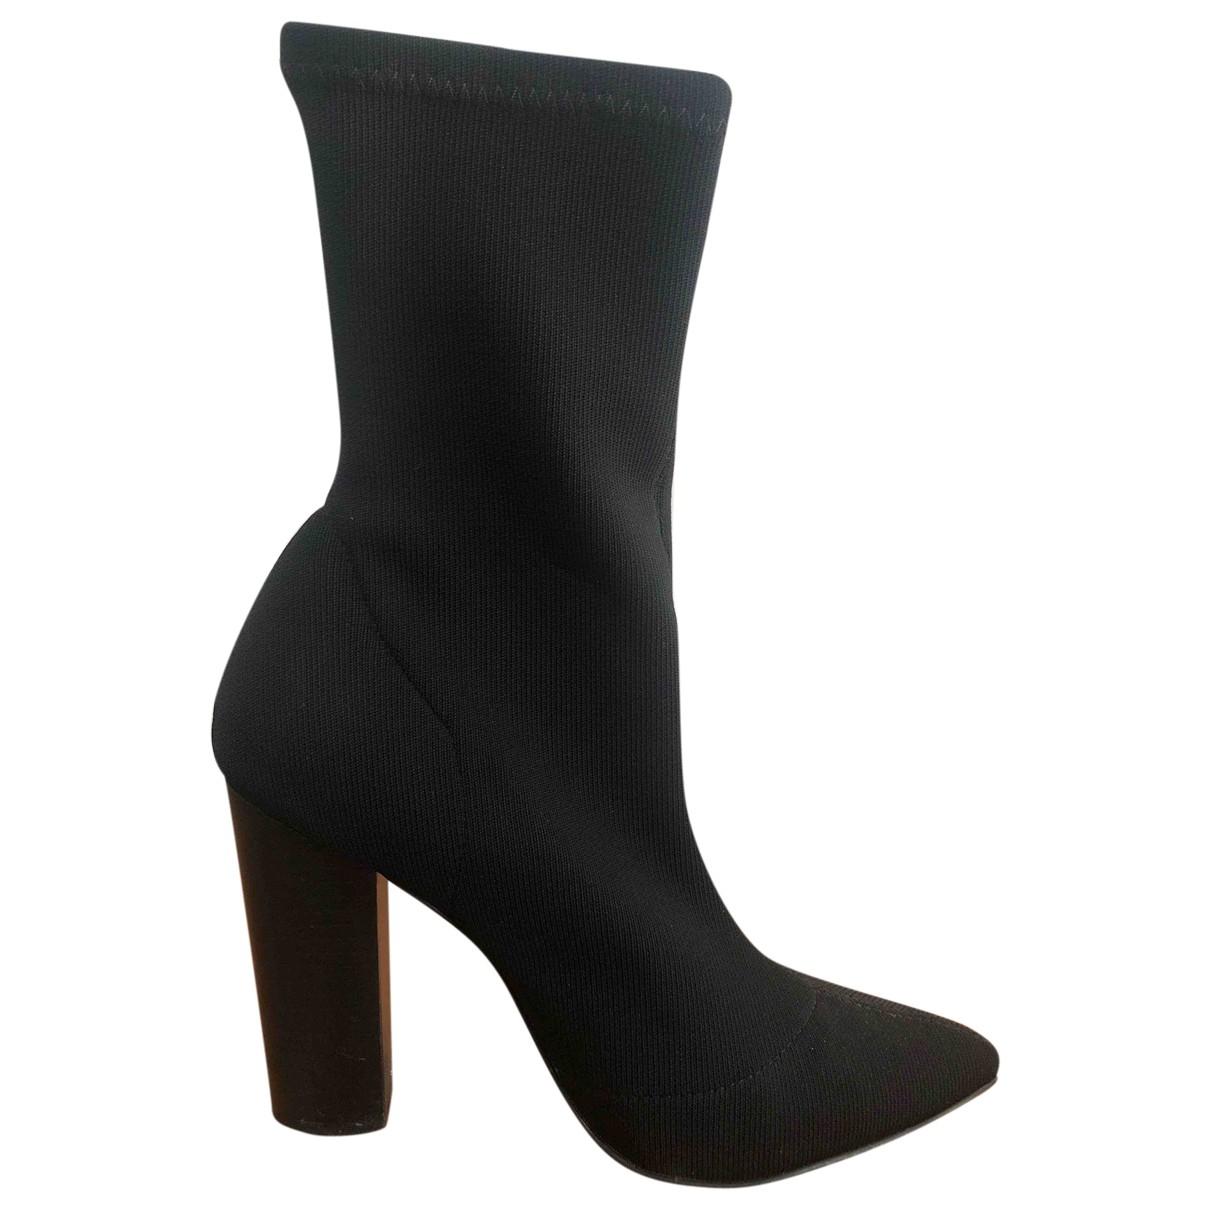 Steve Madden - Boots   pour femme en toile - noir